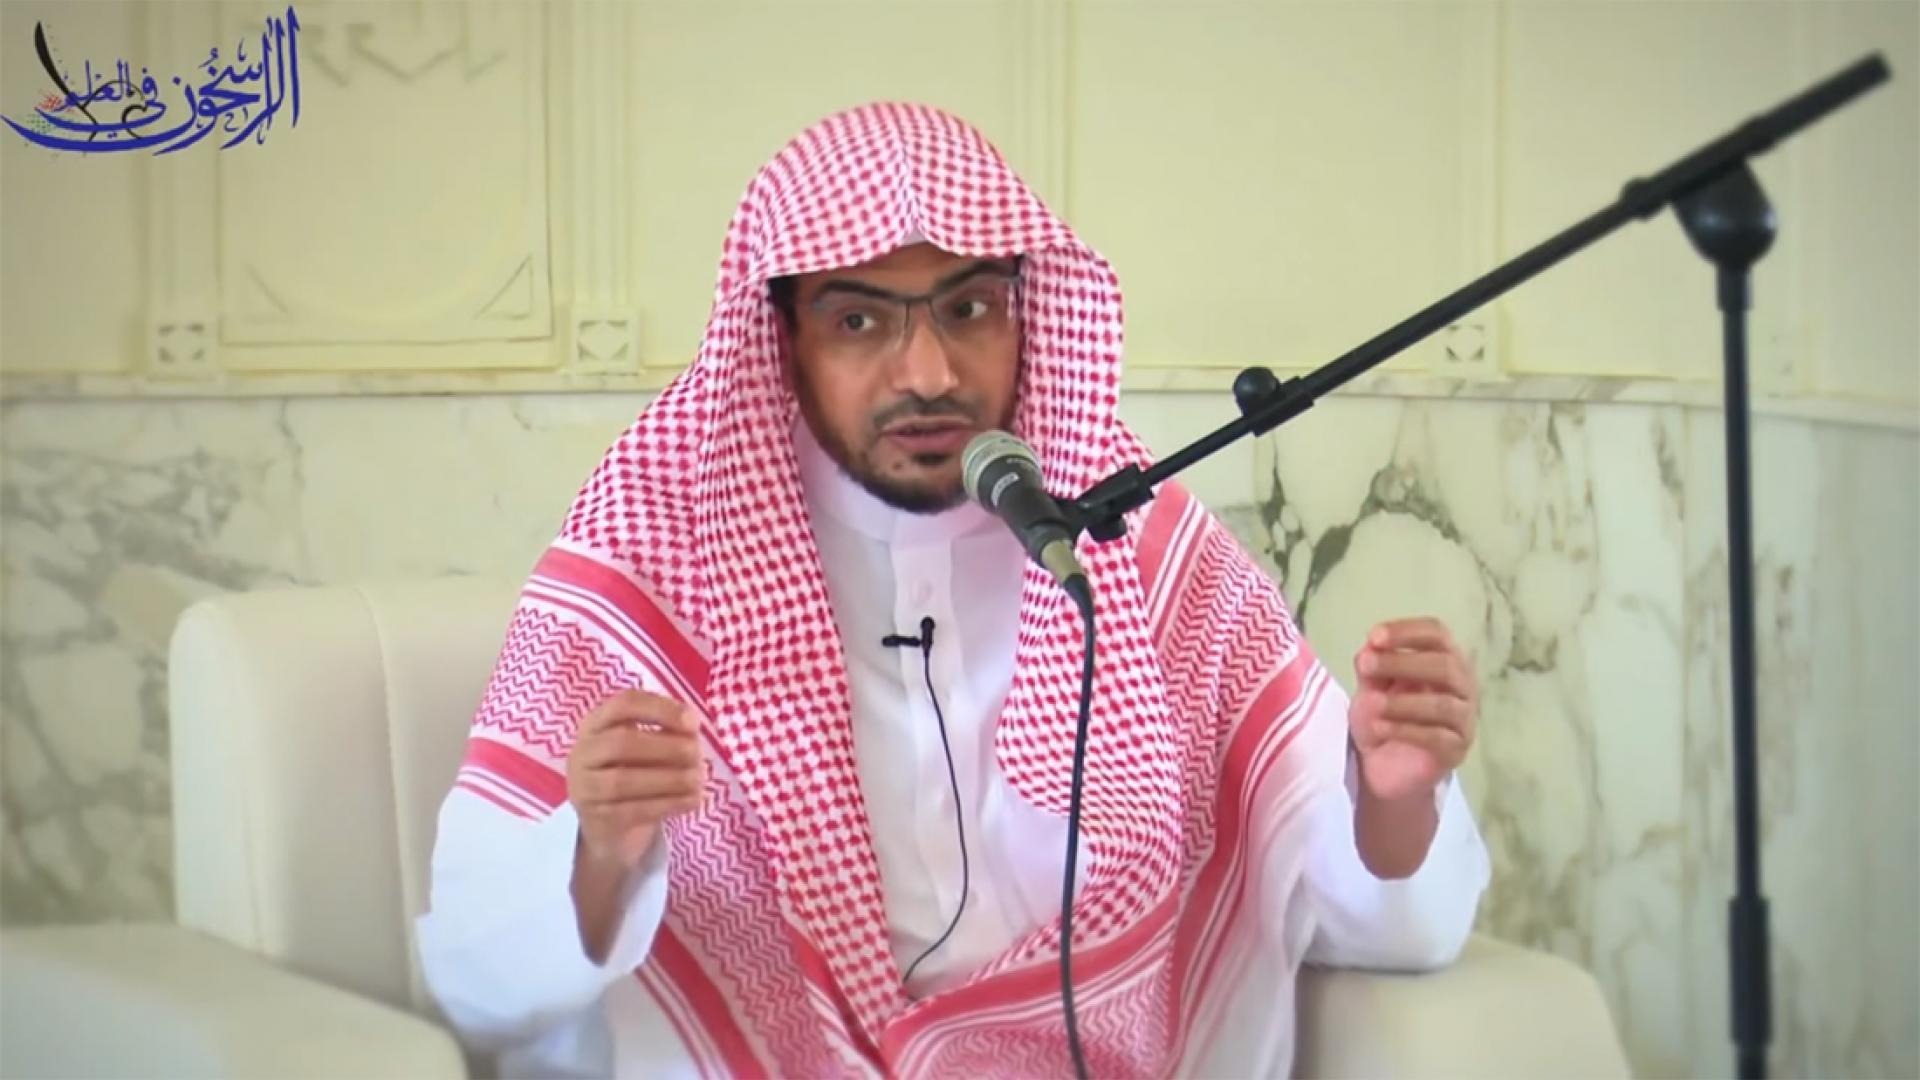 """المغامسي يرد على توصيفه بأنه من """"علماء السلاطين"""" وأنه يقول ما لا يصح شرعا إرضاء لولي عهد السعودية محمد بن سلمان"""